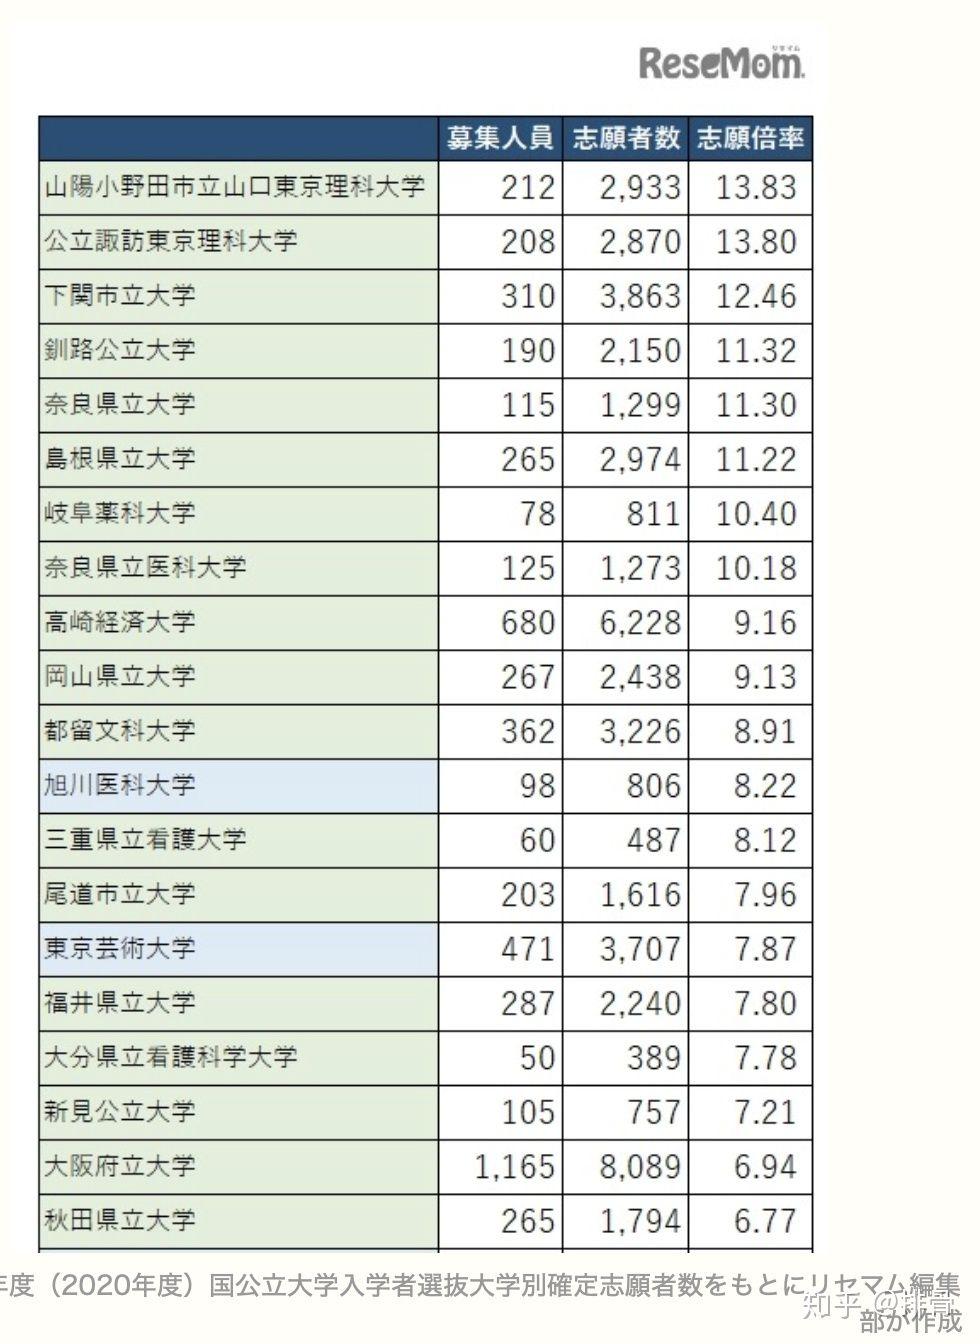 帝京 大学 倍率 2020